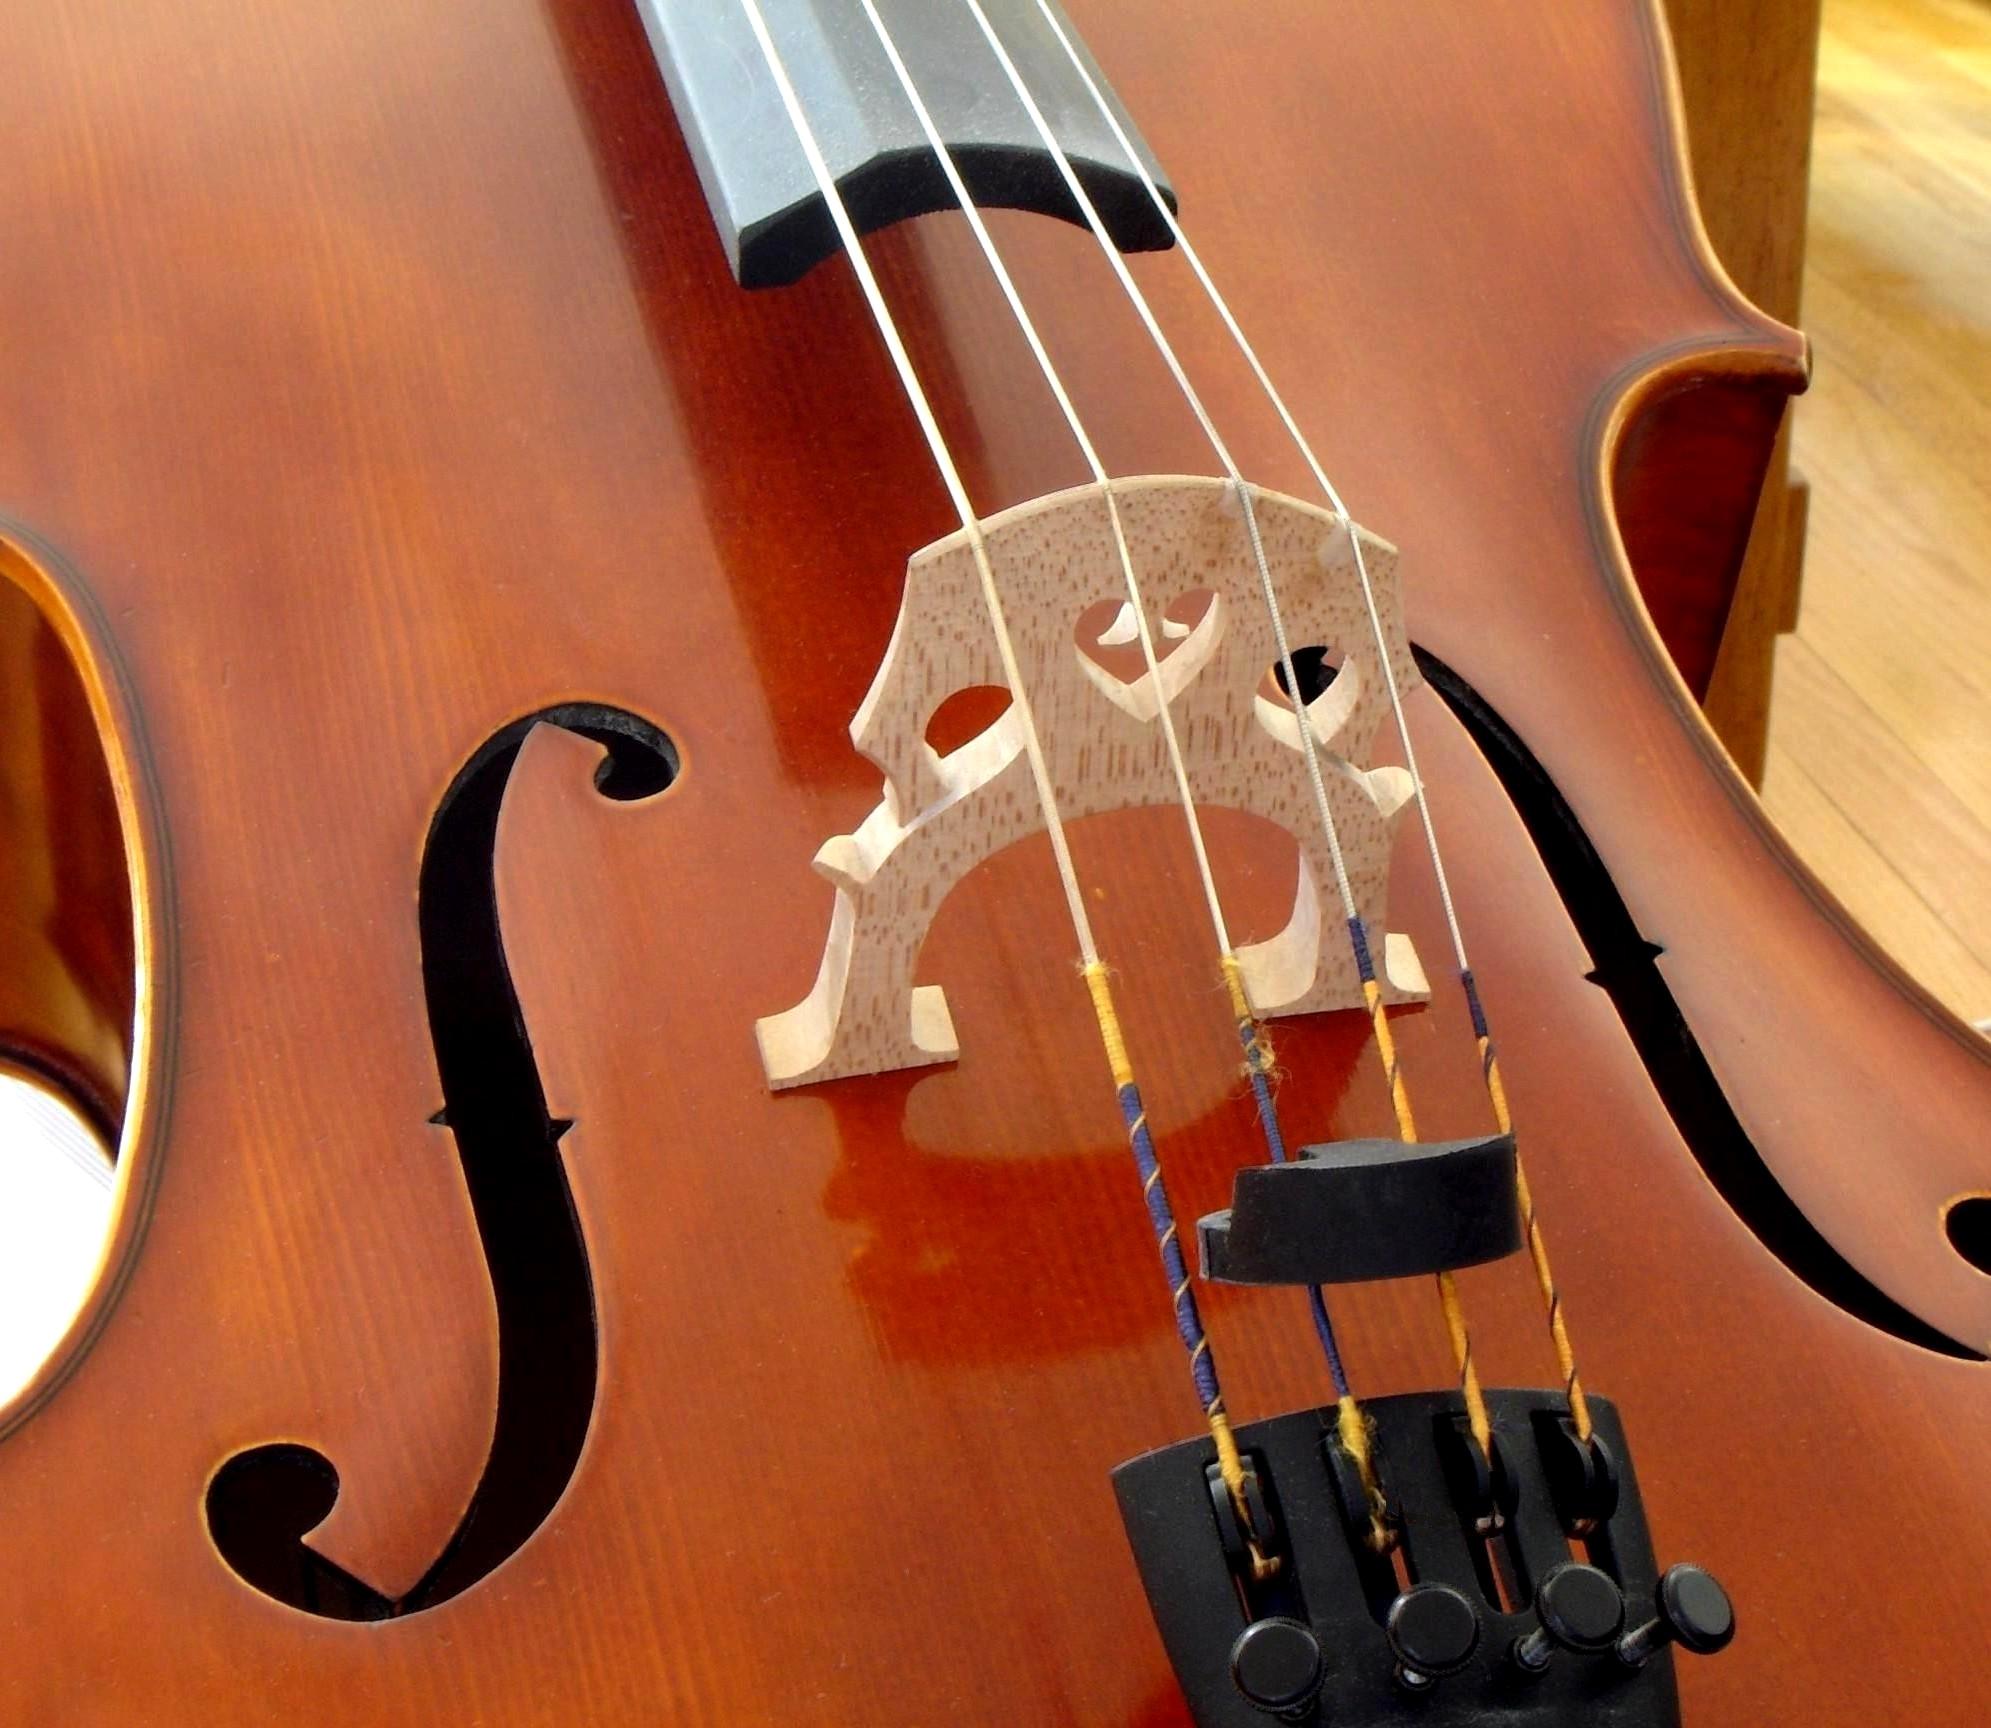 Instrumentos musicales: Clasificación, tipos de instrumento